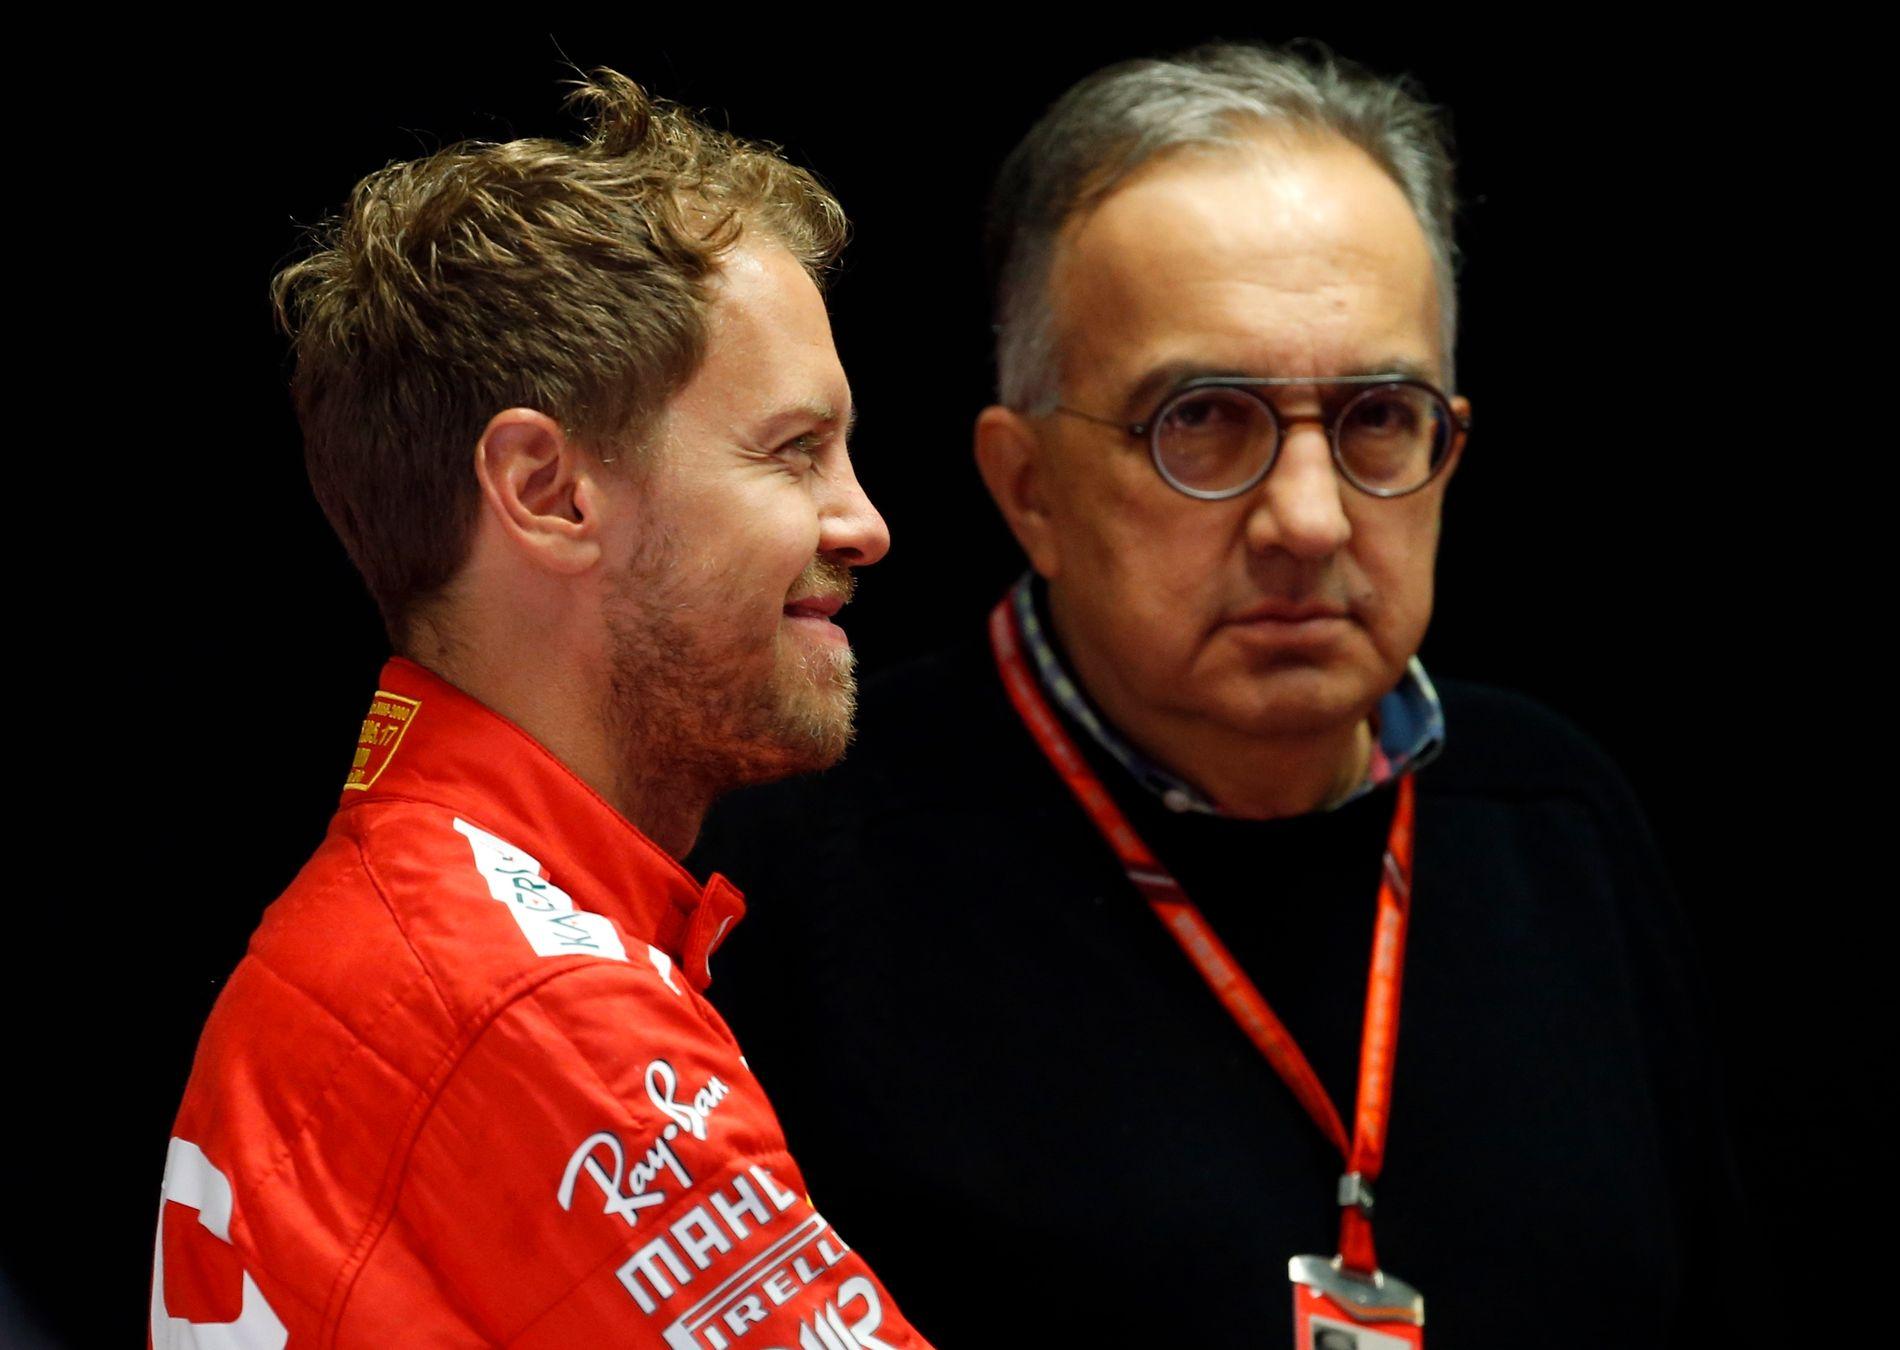 GODE BUSSER: Sebastian Vettel og Ferrari-sjefSergio Marchionne fotografert under Formel1-løpet på Monza i fjor.